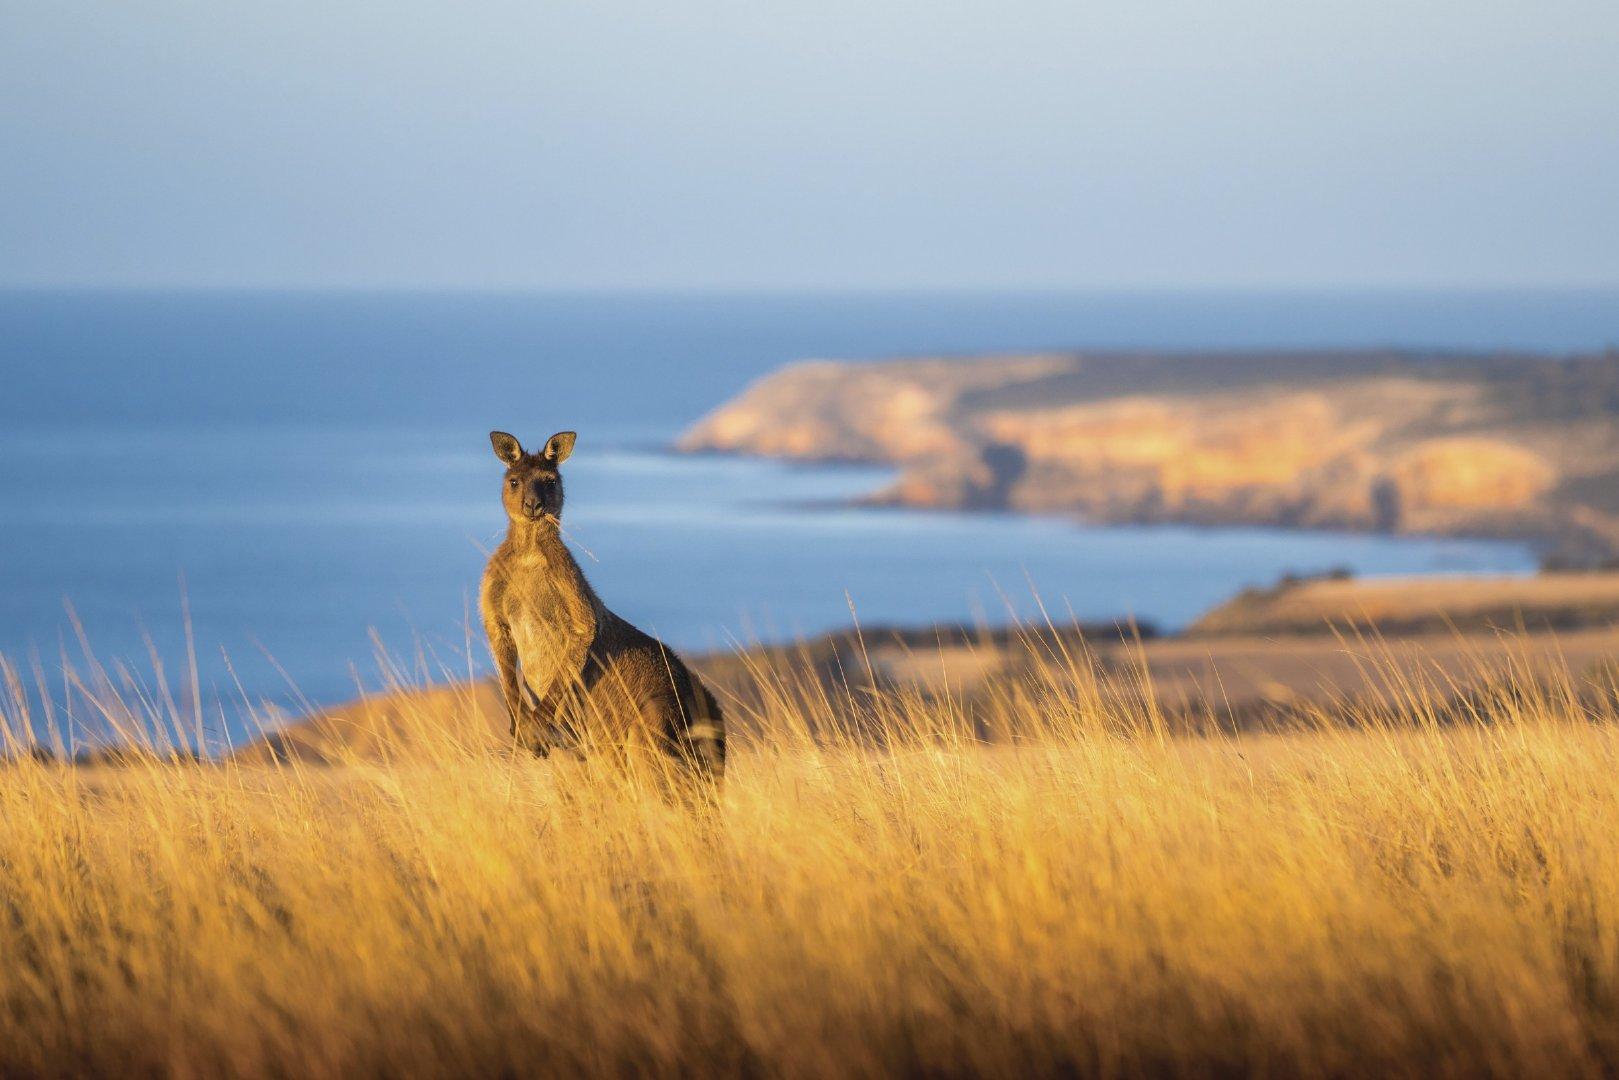 南澳大利亚怎么玩?晓明哥的吃玩之旅,值得参考一下